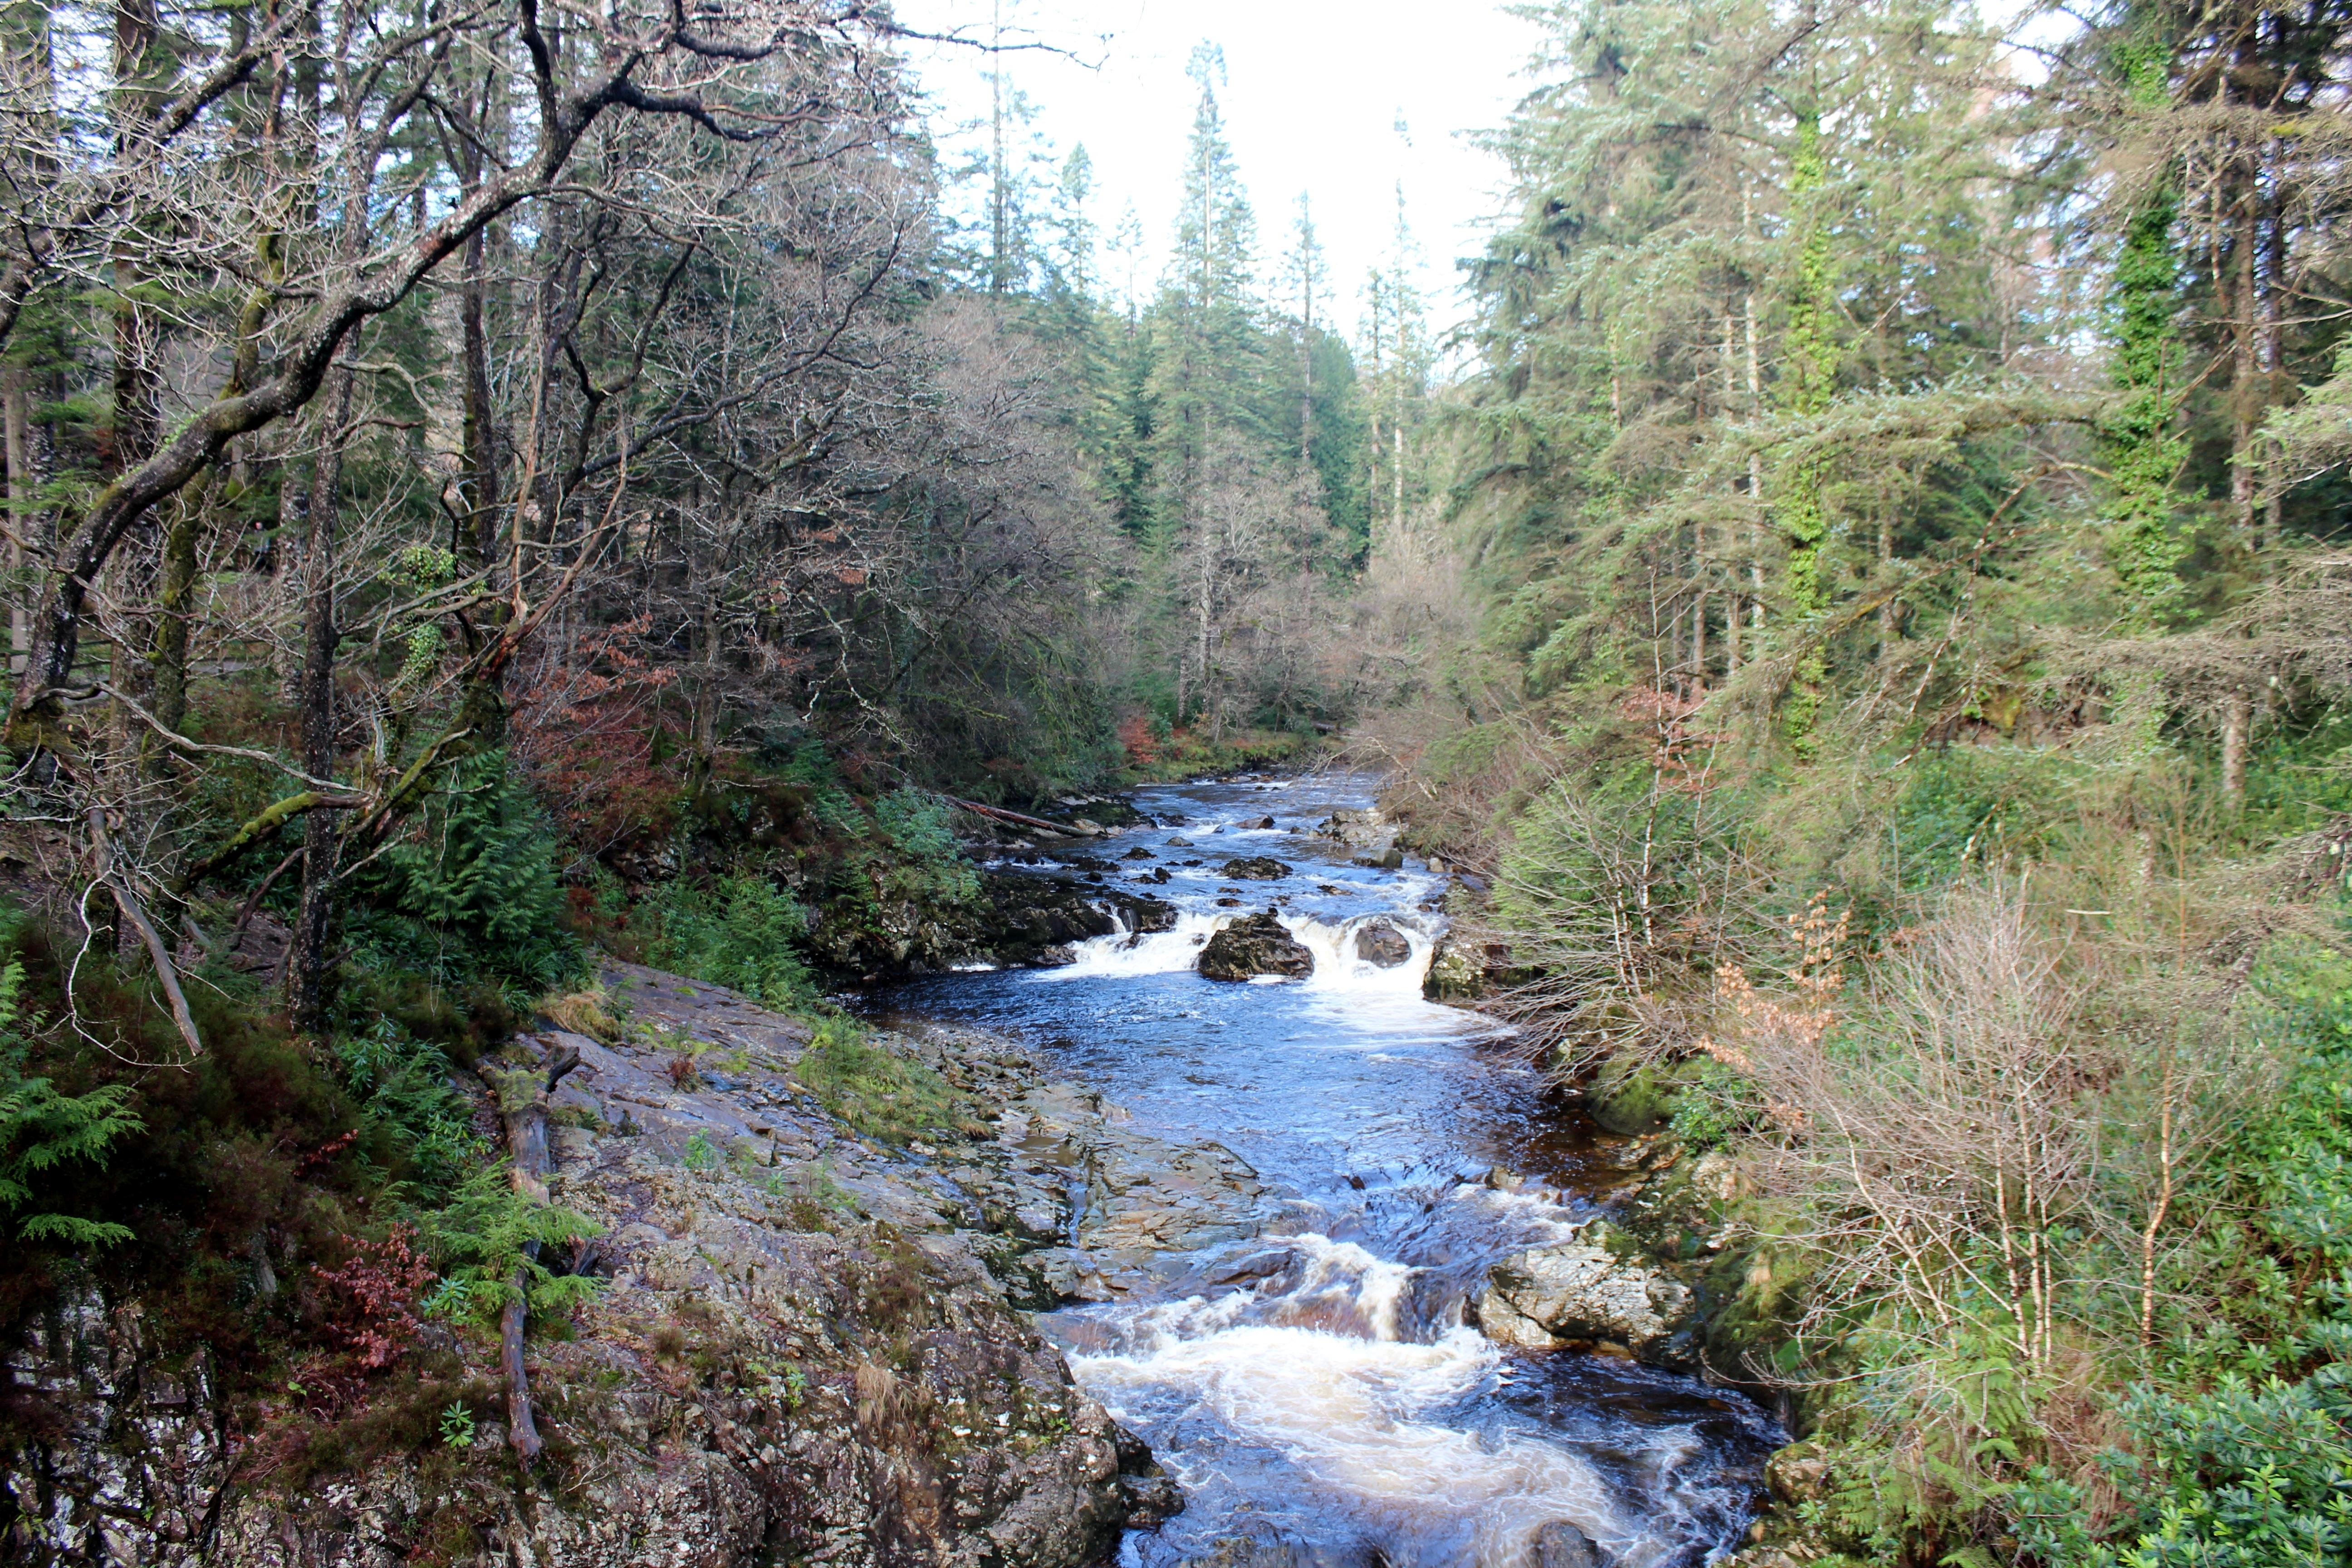 Coed Y Brenin river Mawddech